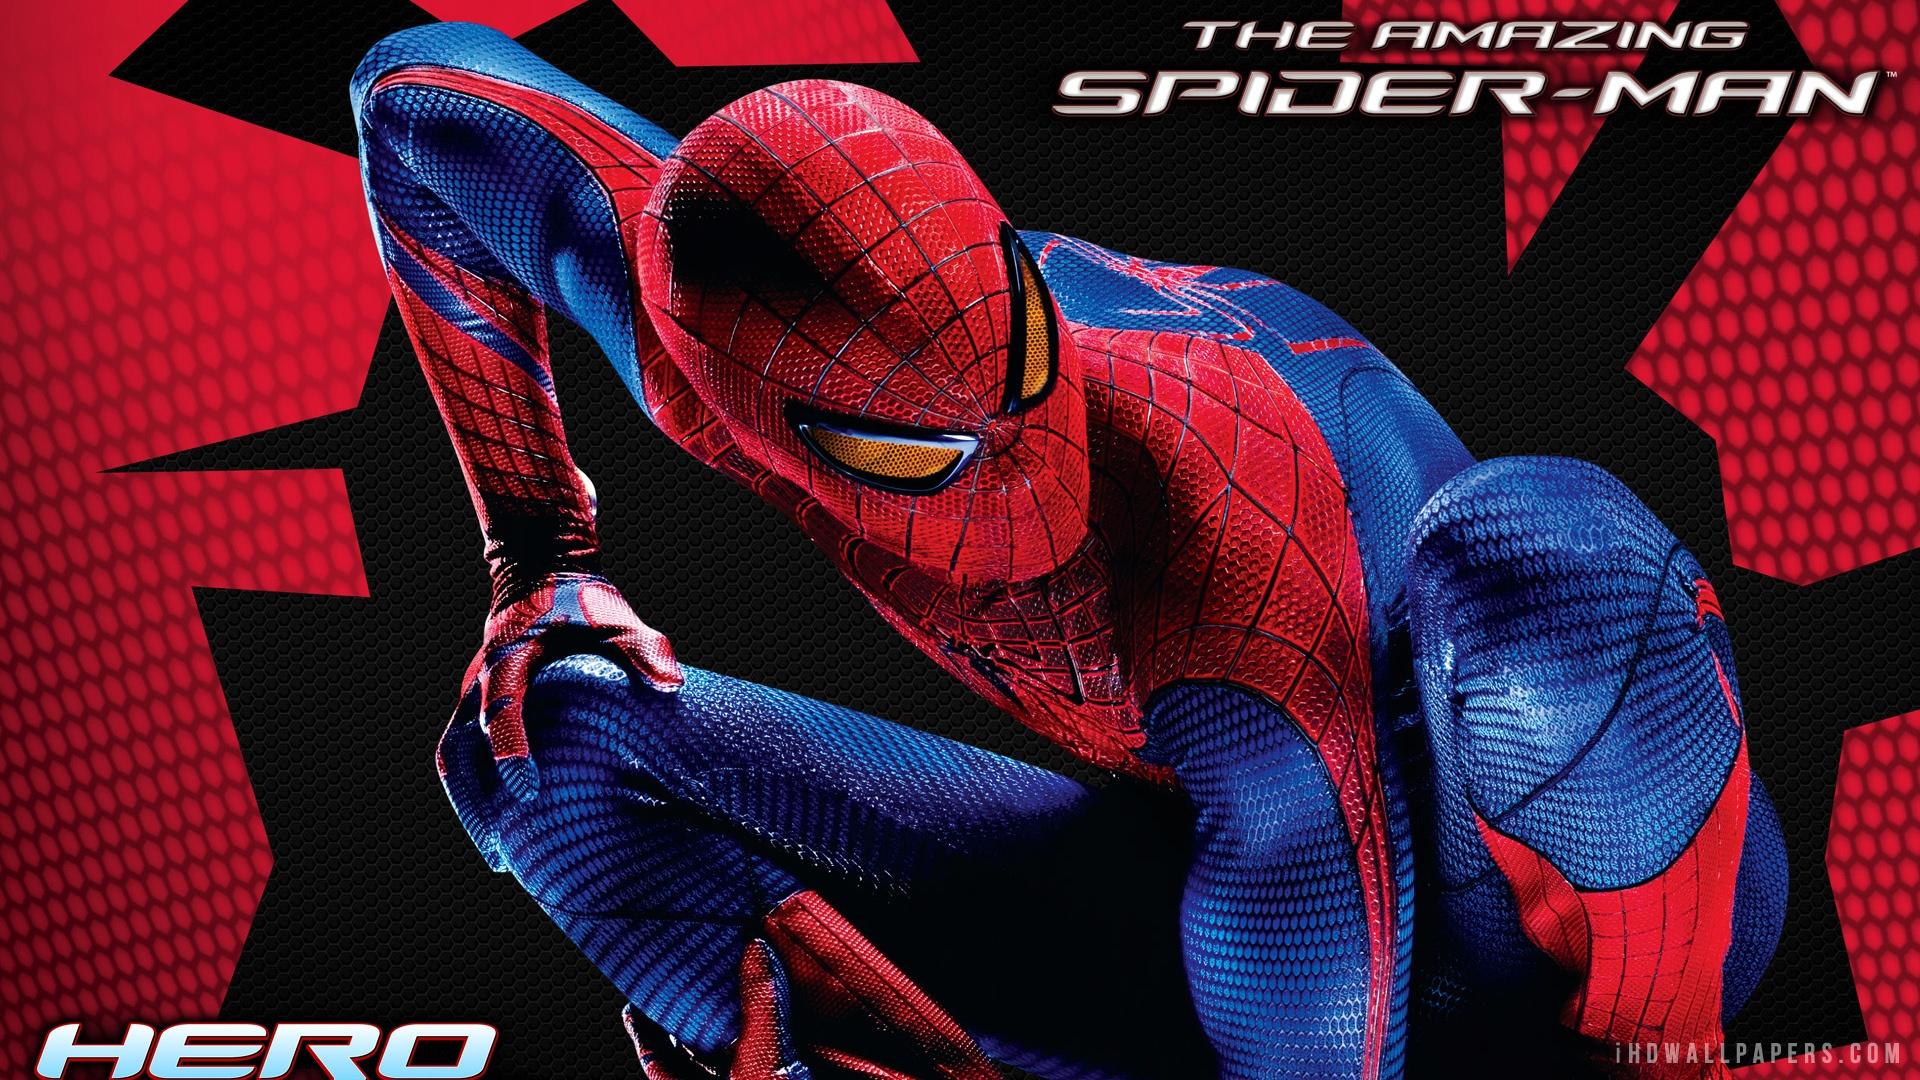 Description Download Amazing Spider Man 3 WallpaperBackground in 1920x1080